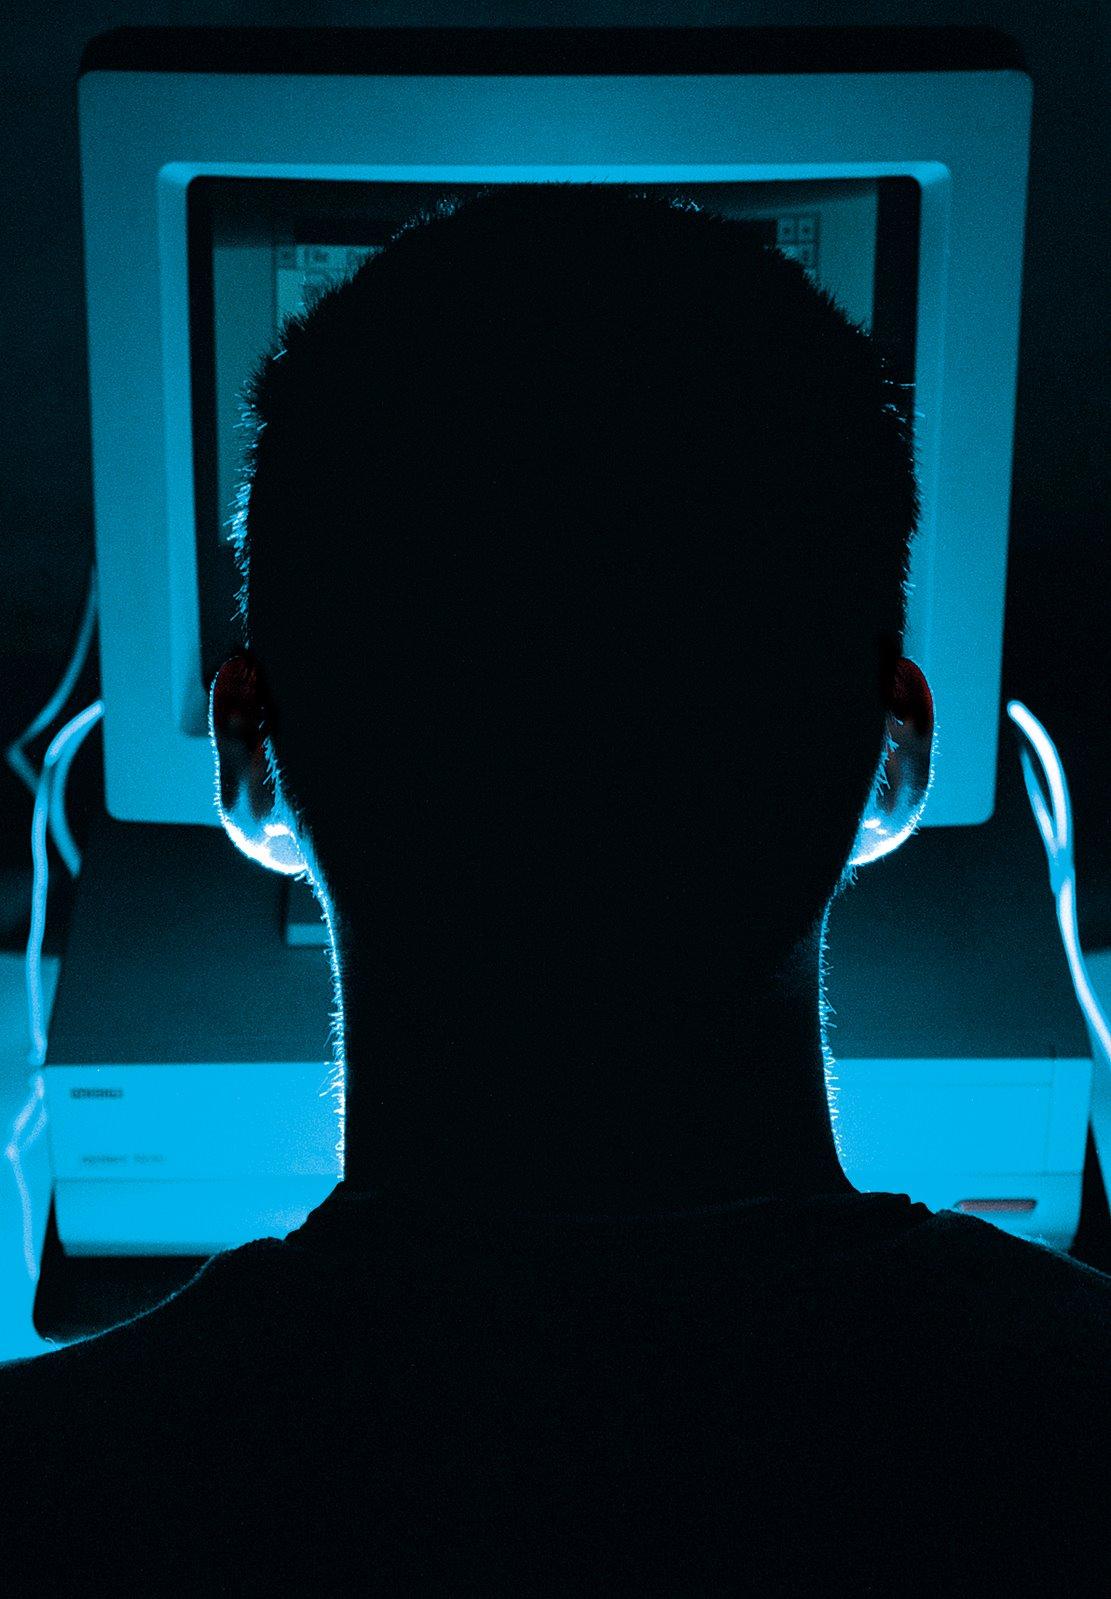 Hacker russo vende 1,5 milhão de contas do Facebook em fóruns